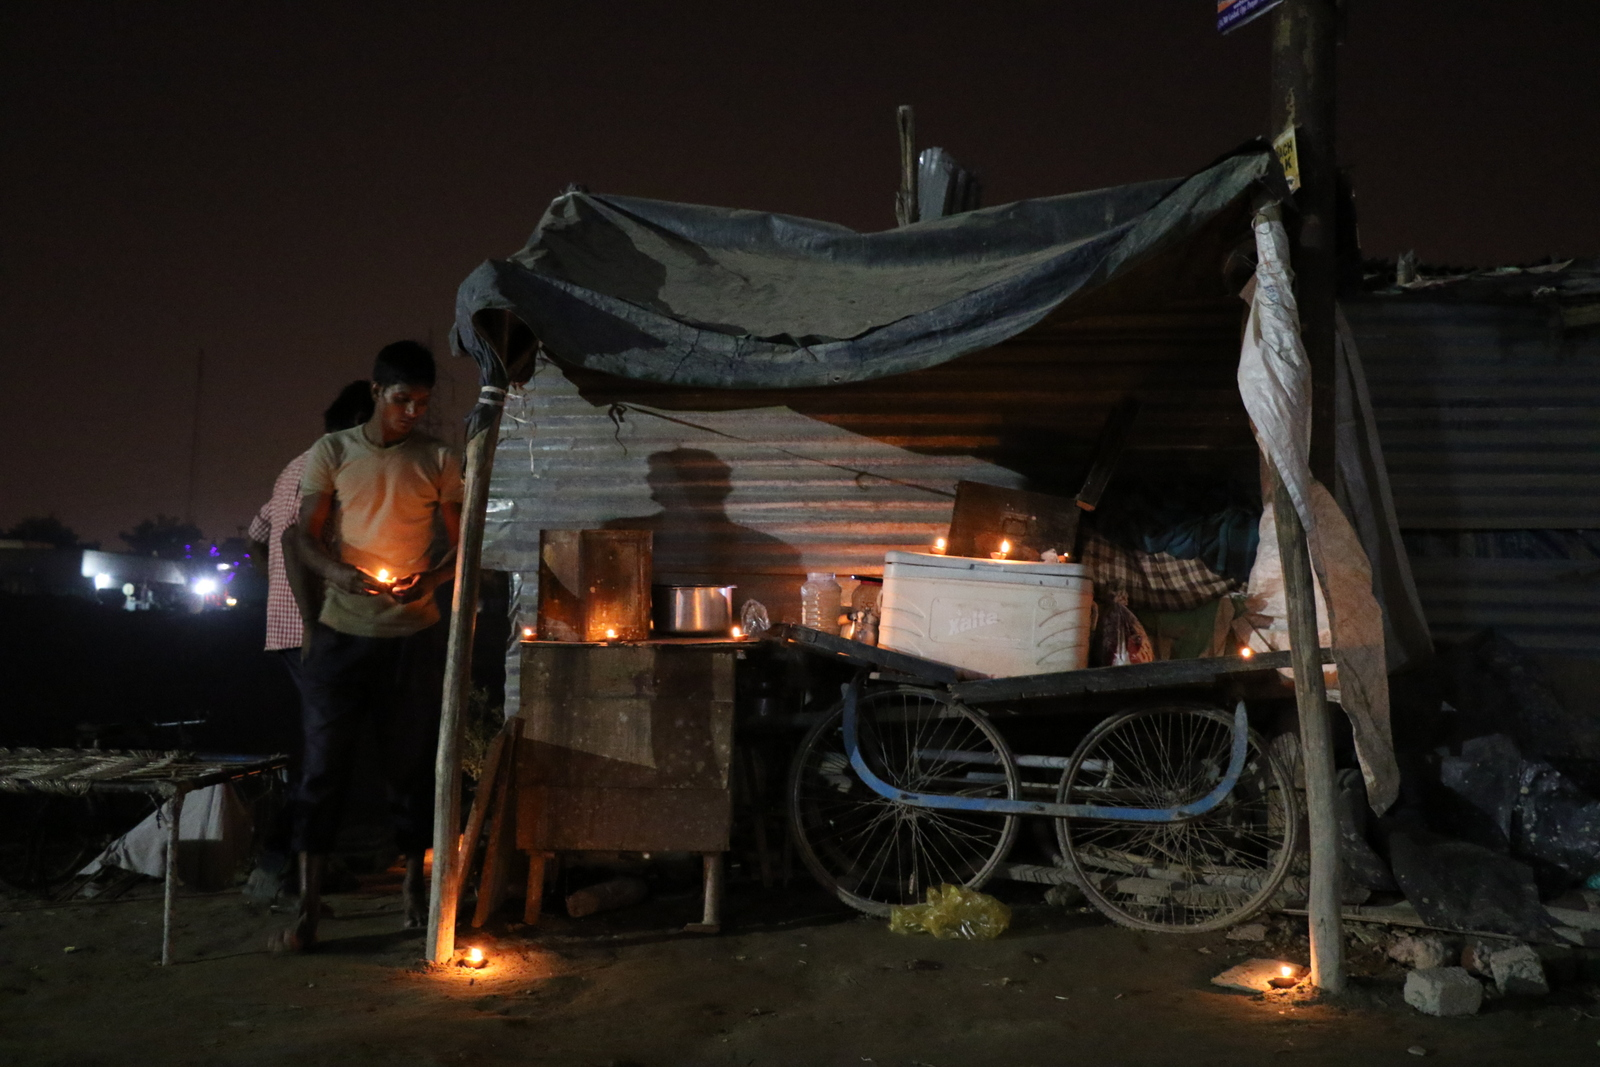 Kynttilät syttyvät diwali-iltana slummissa Delhin lähellä. Jutun kaikki kuvat © Päivi Kaarina Laajanen.